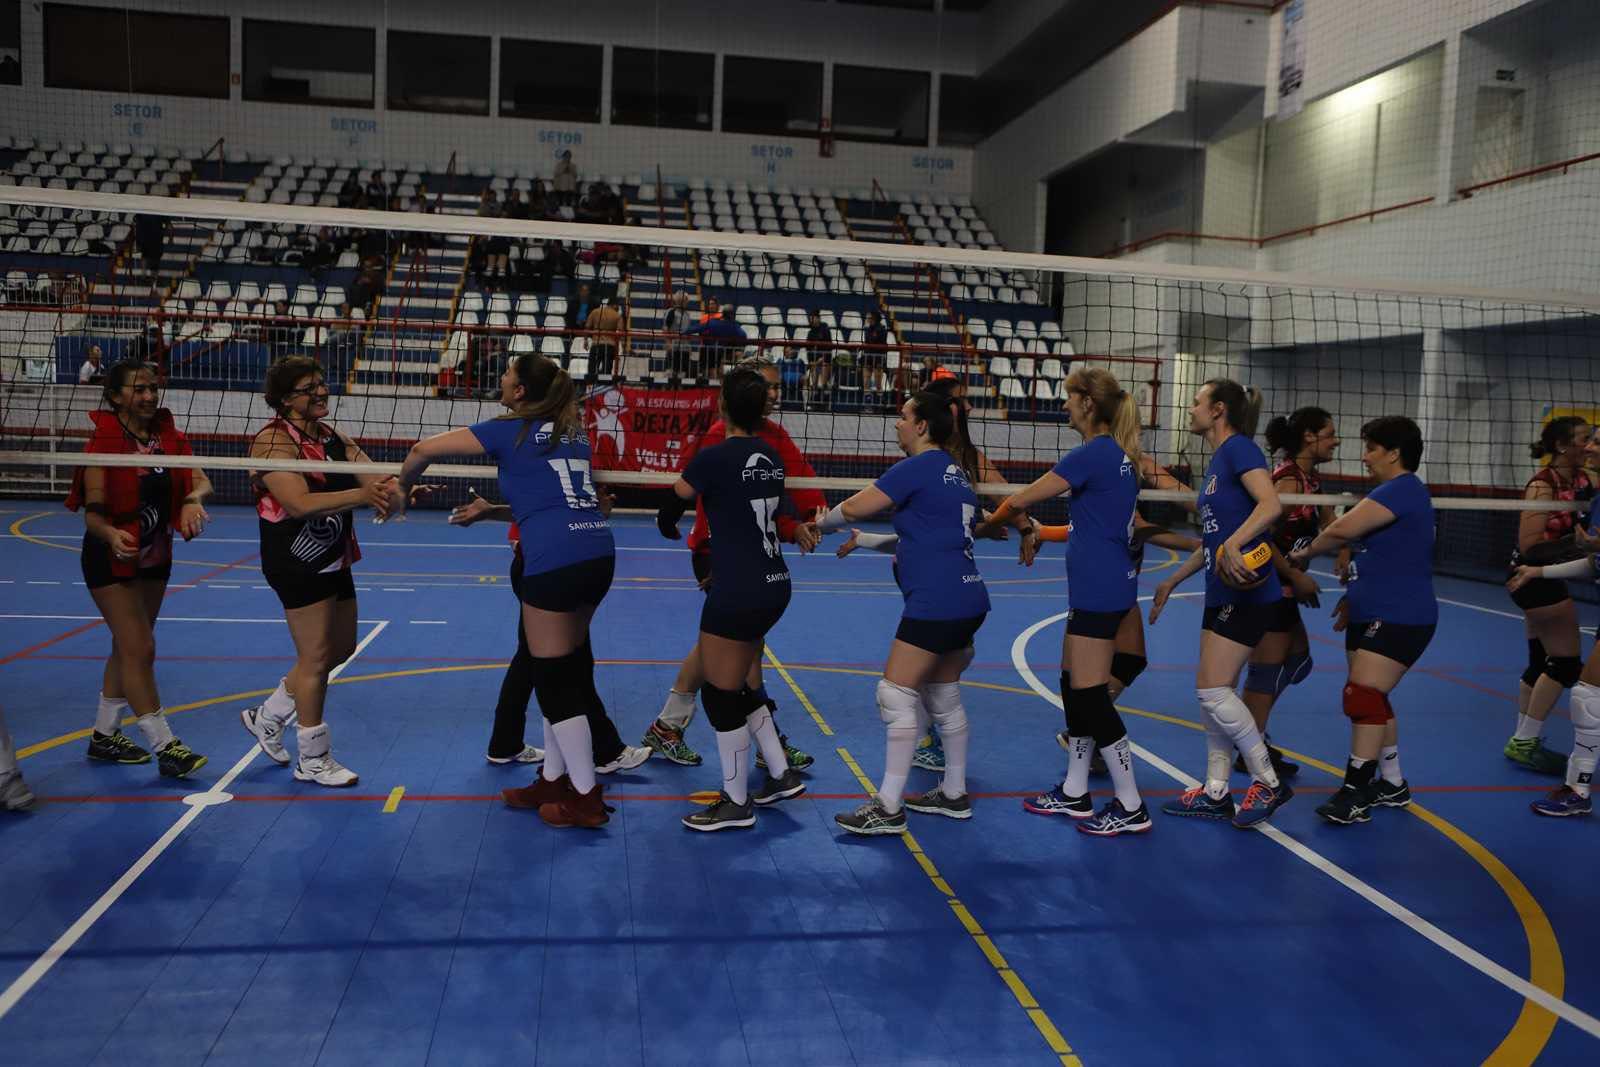 3° Torneio Sul Americano de Vôlei Master